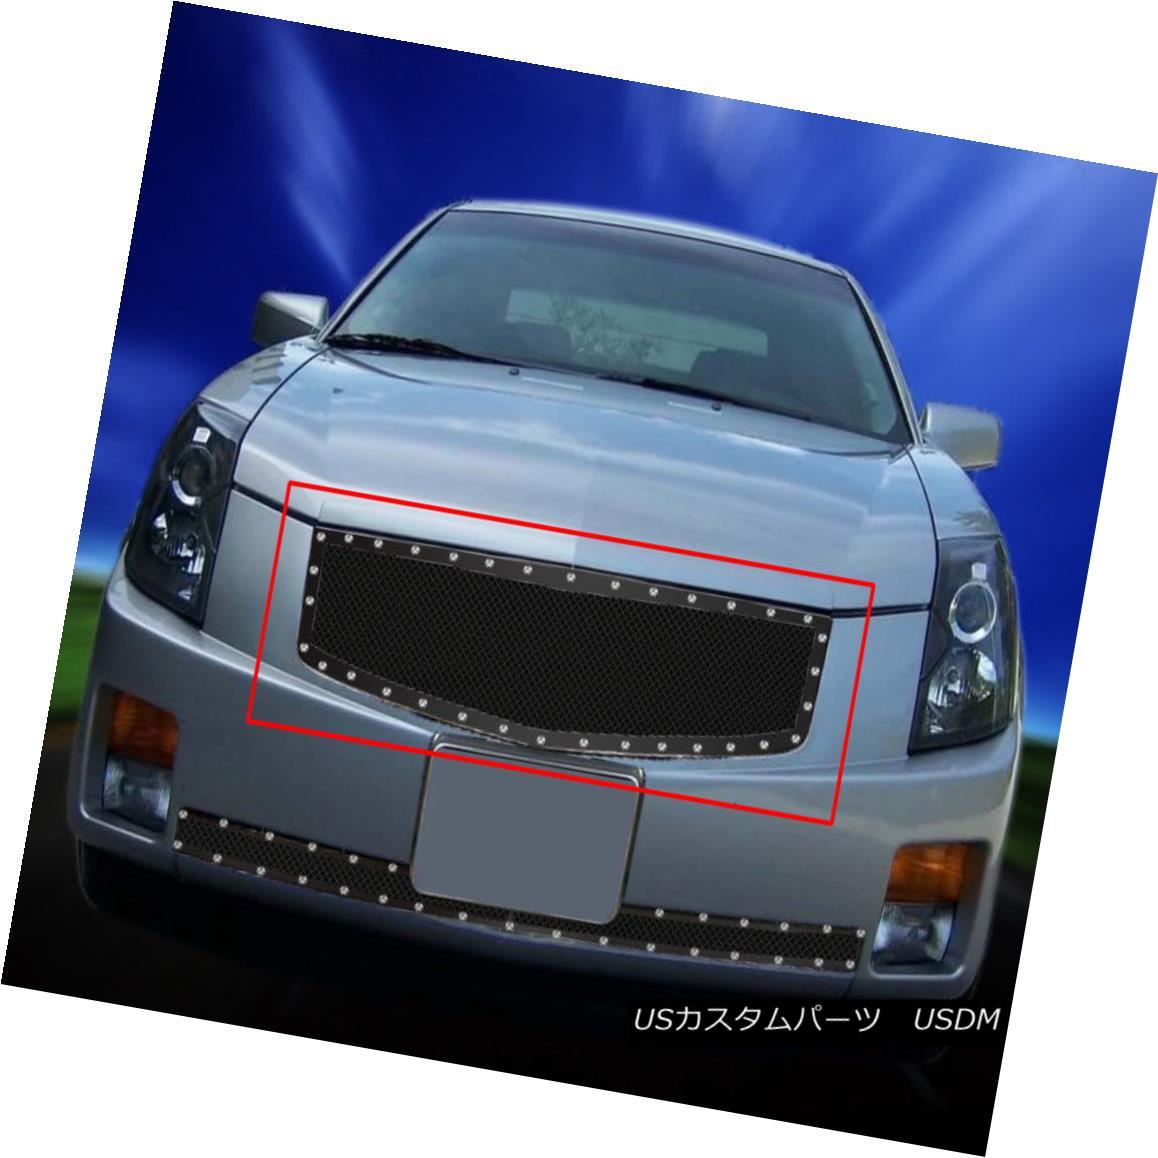 グリル Fedar Fits 2003-2007 Cadillac CTS Full Black Insert Rivet Mesh Grille Insert Fedar Fitting 2003-2007キャデラックCTSフルブラックインサートリベットメッシュグリルインサート